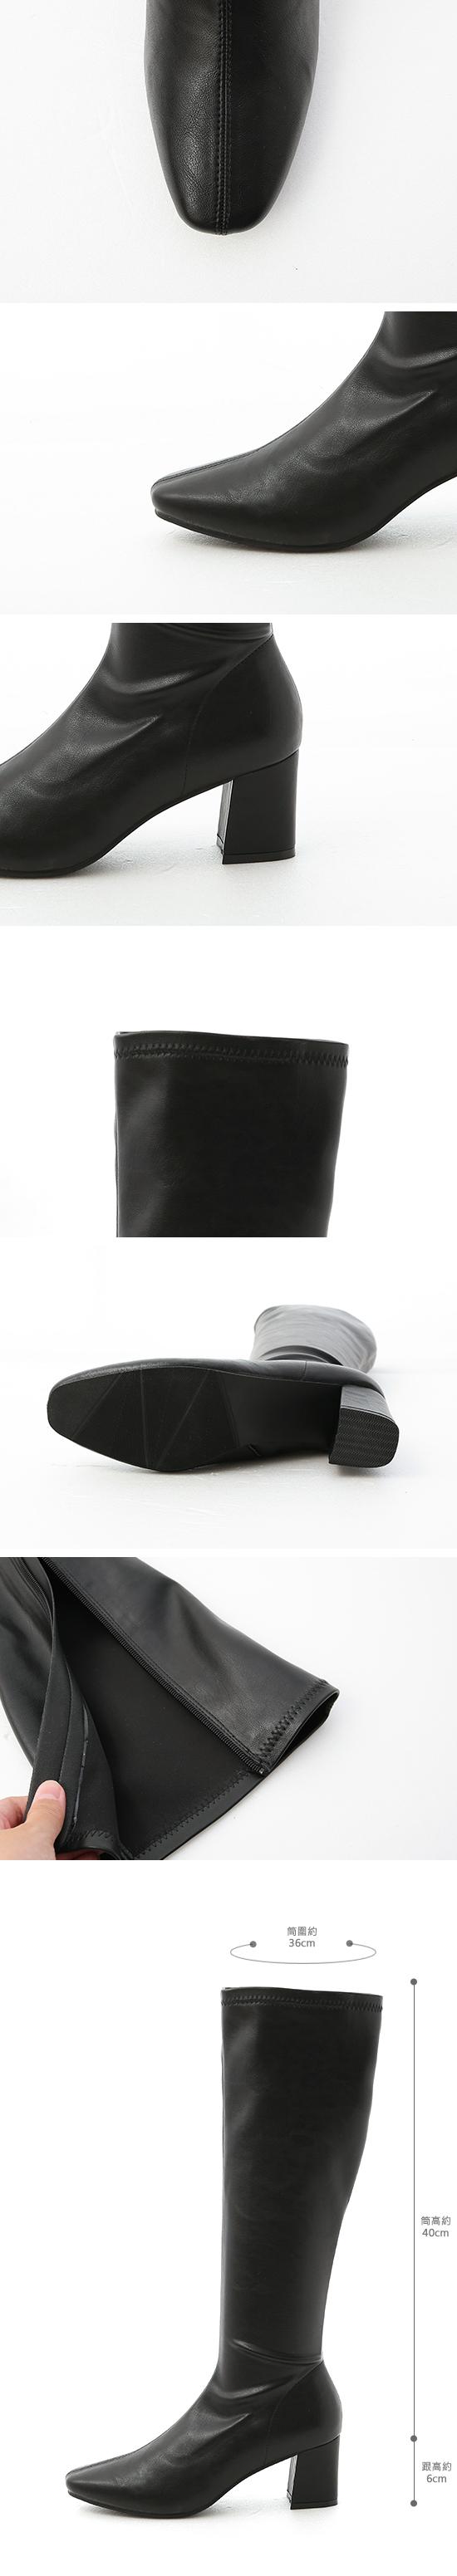 スクエアトゥハイヒールロングブーツ ブラック